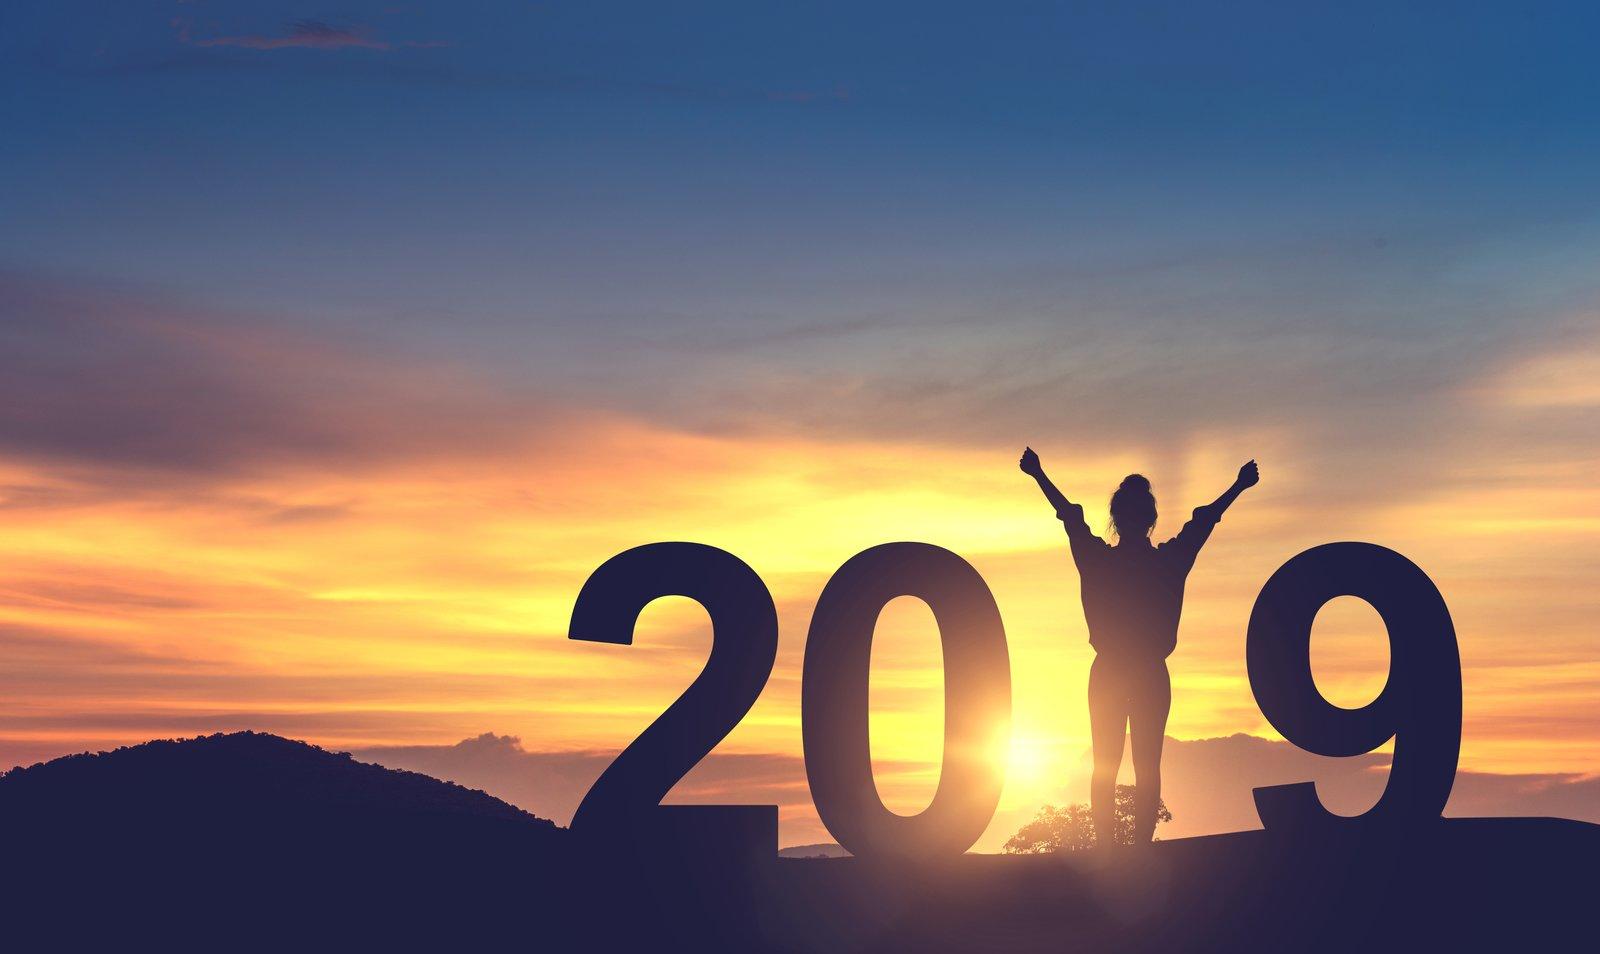 Czy postanowienia noworoczne w 2019 roku mają jeszcze sens?